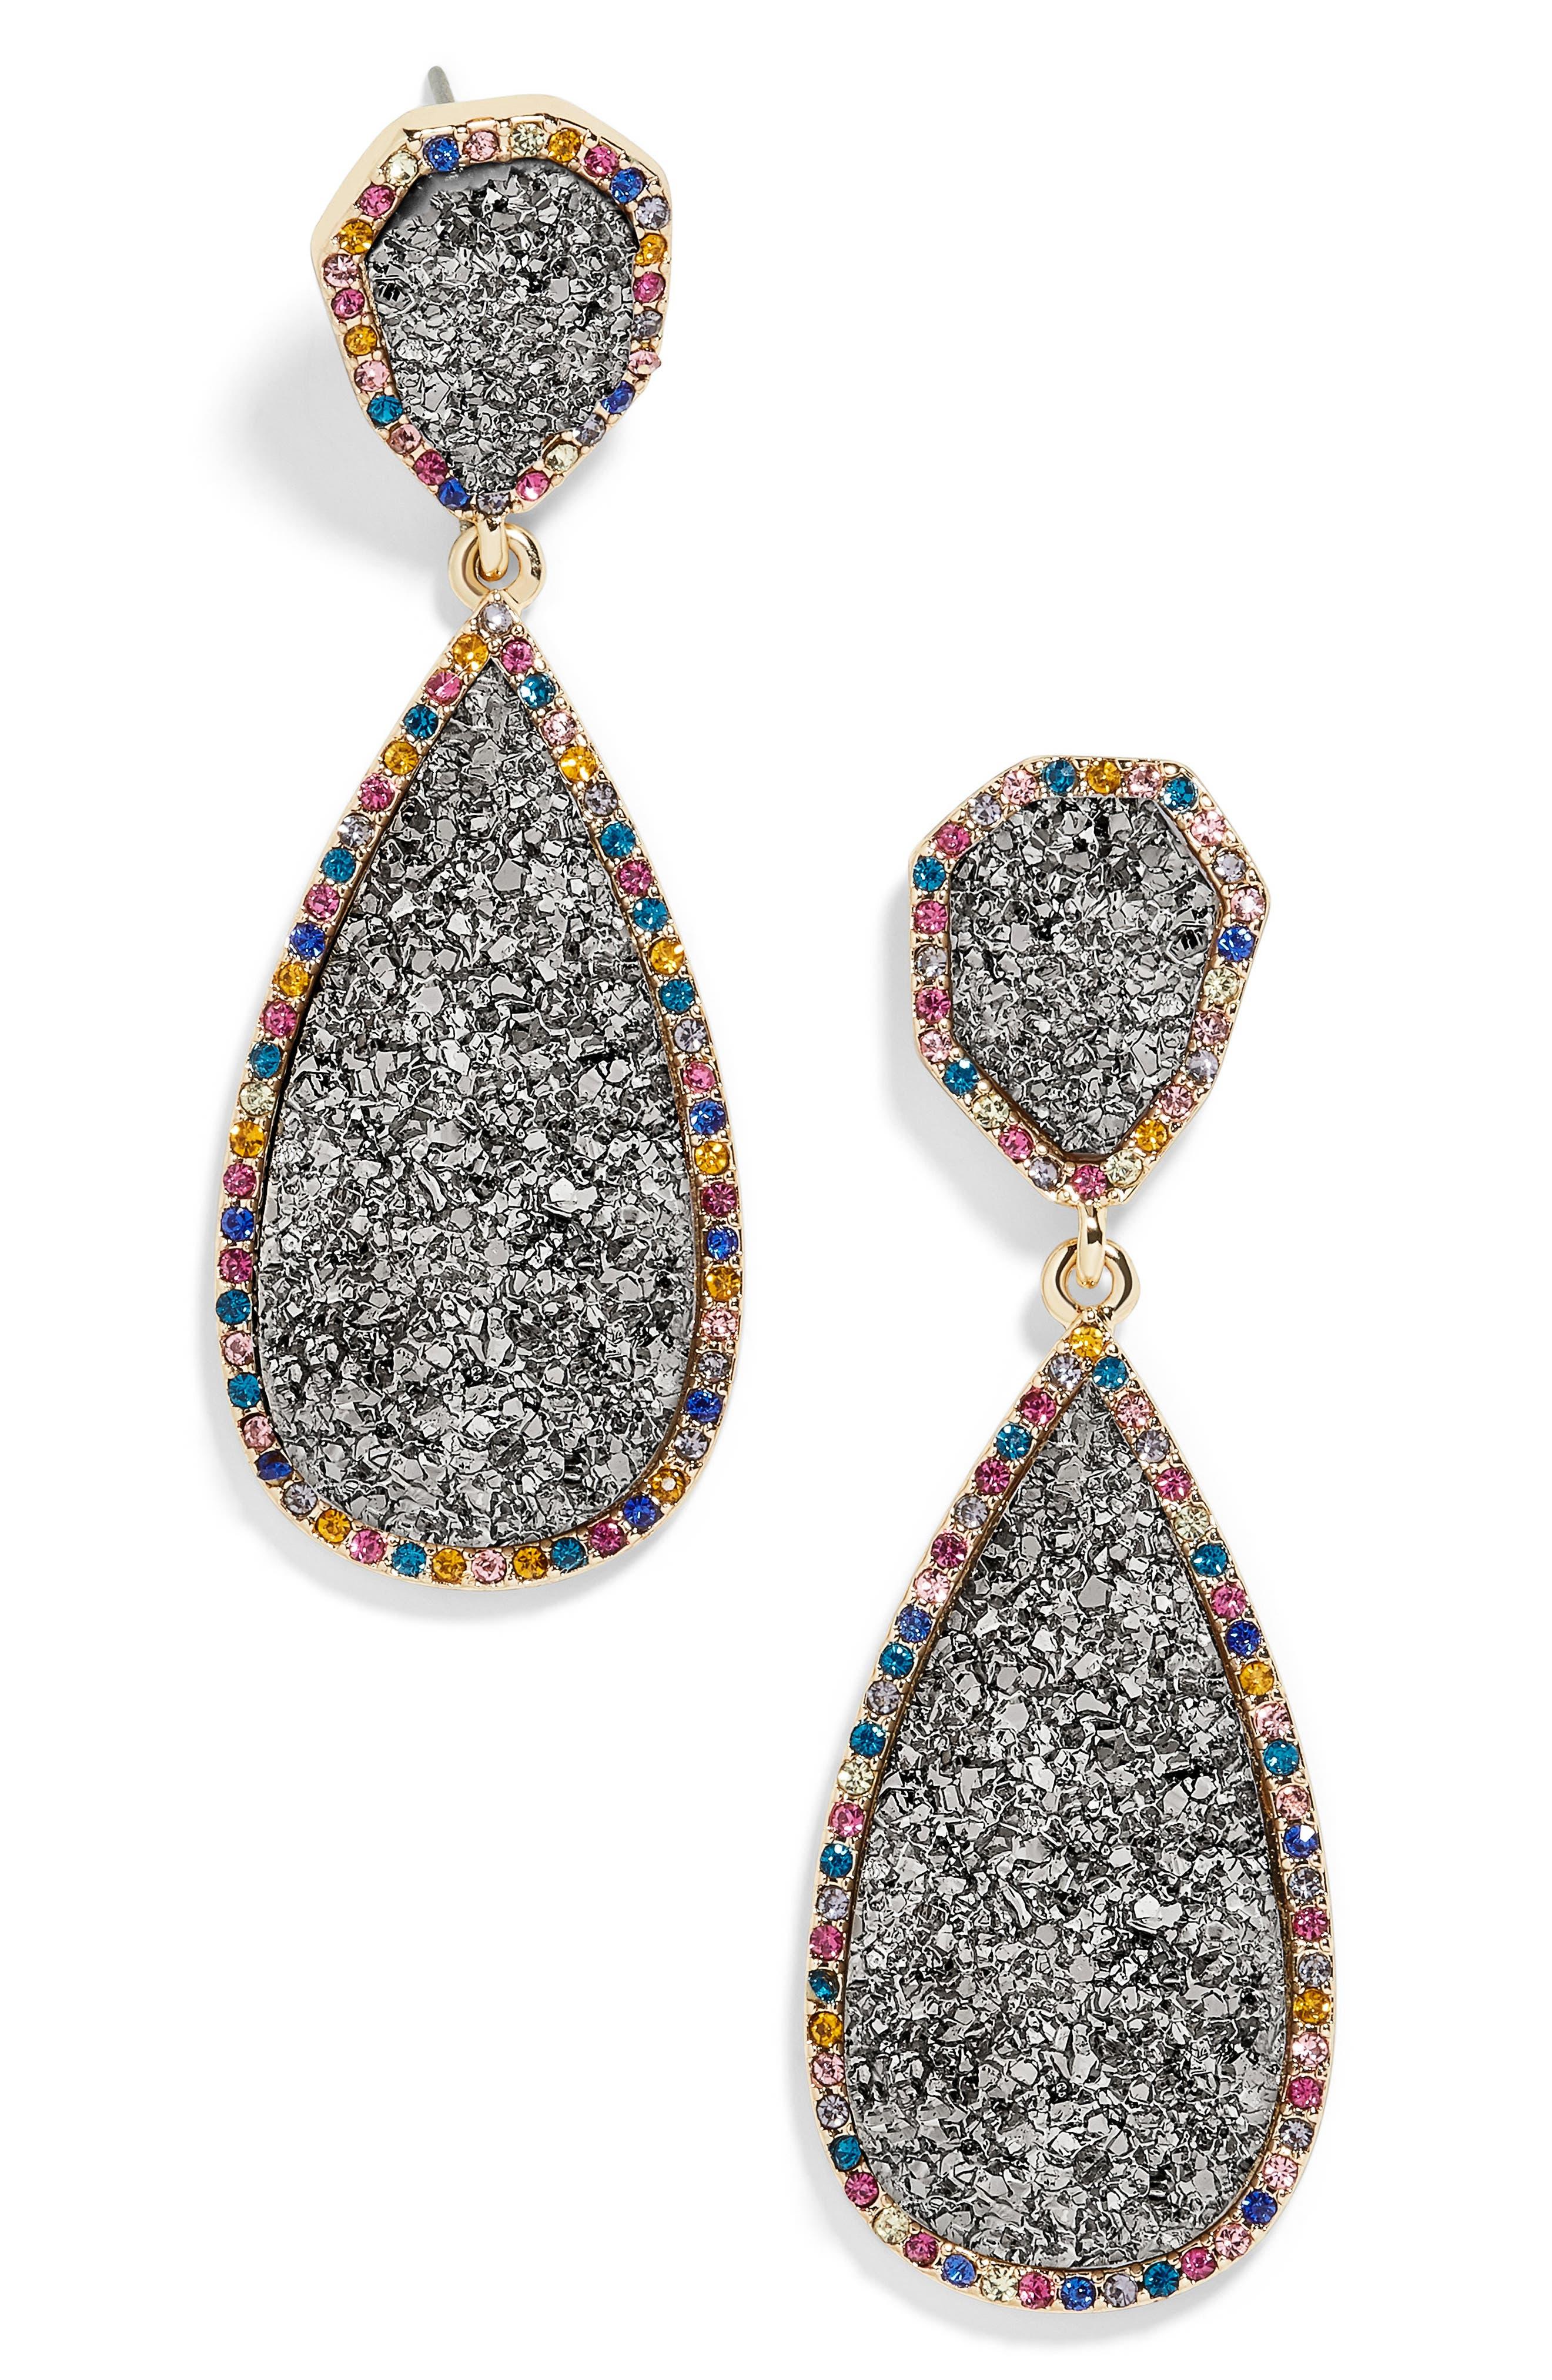 Moonlight Drop Earrings,                         Main,                         color, MULTI/ GOLD